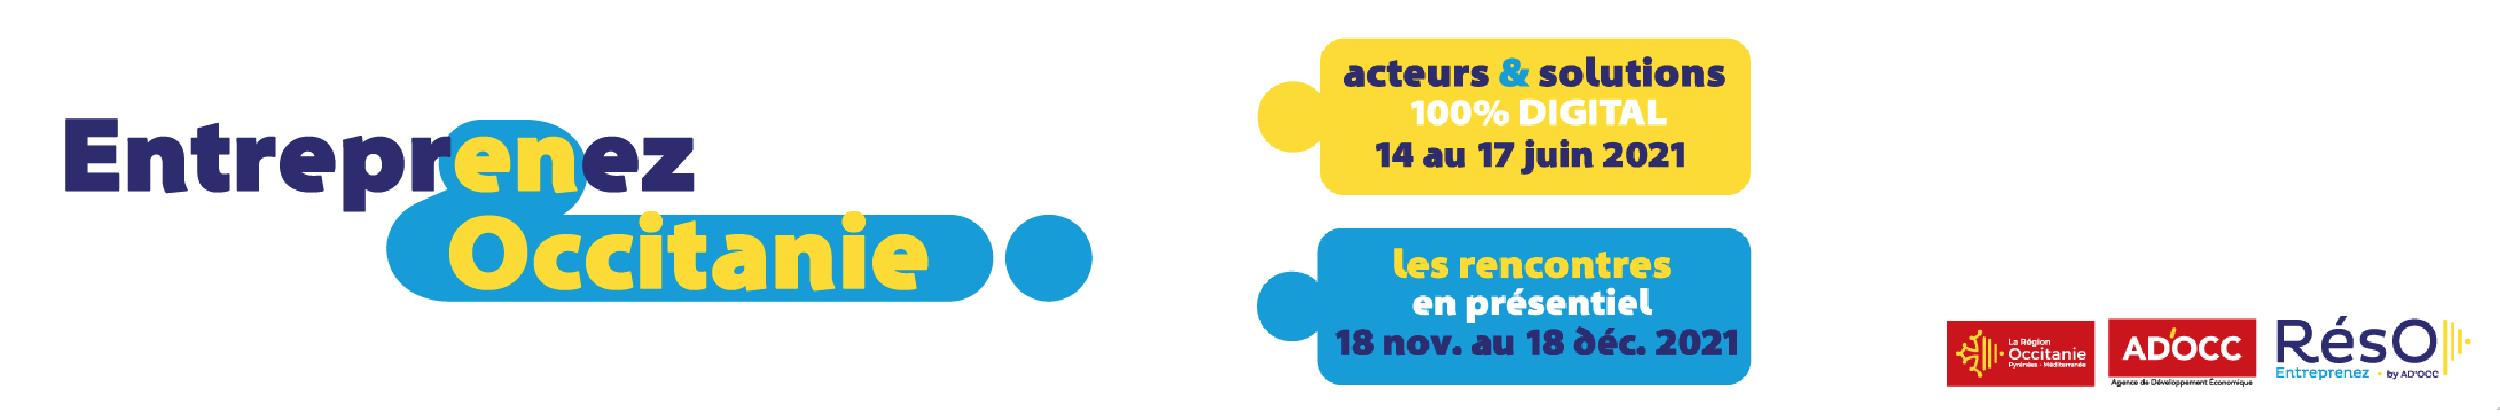 Bannière accueil sites web - entreprenez en occitanie